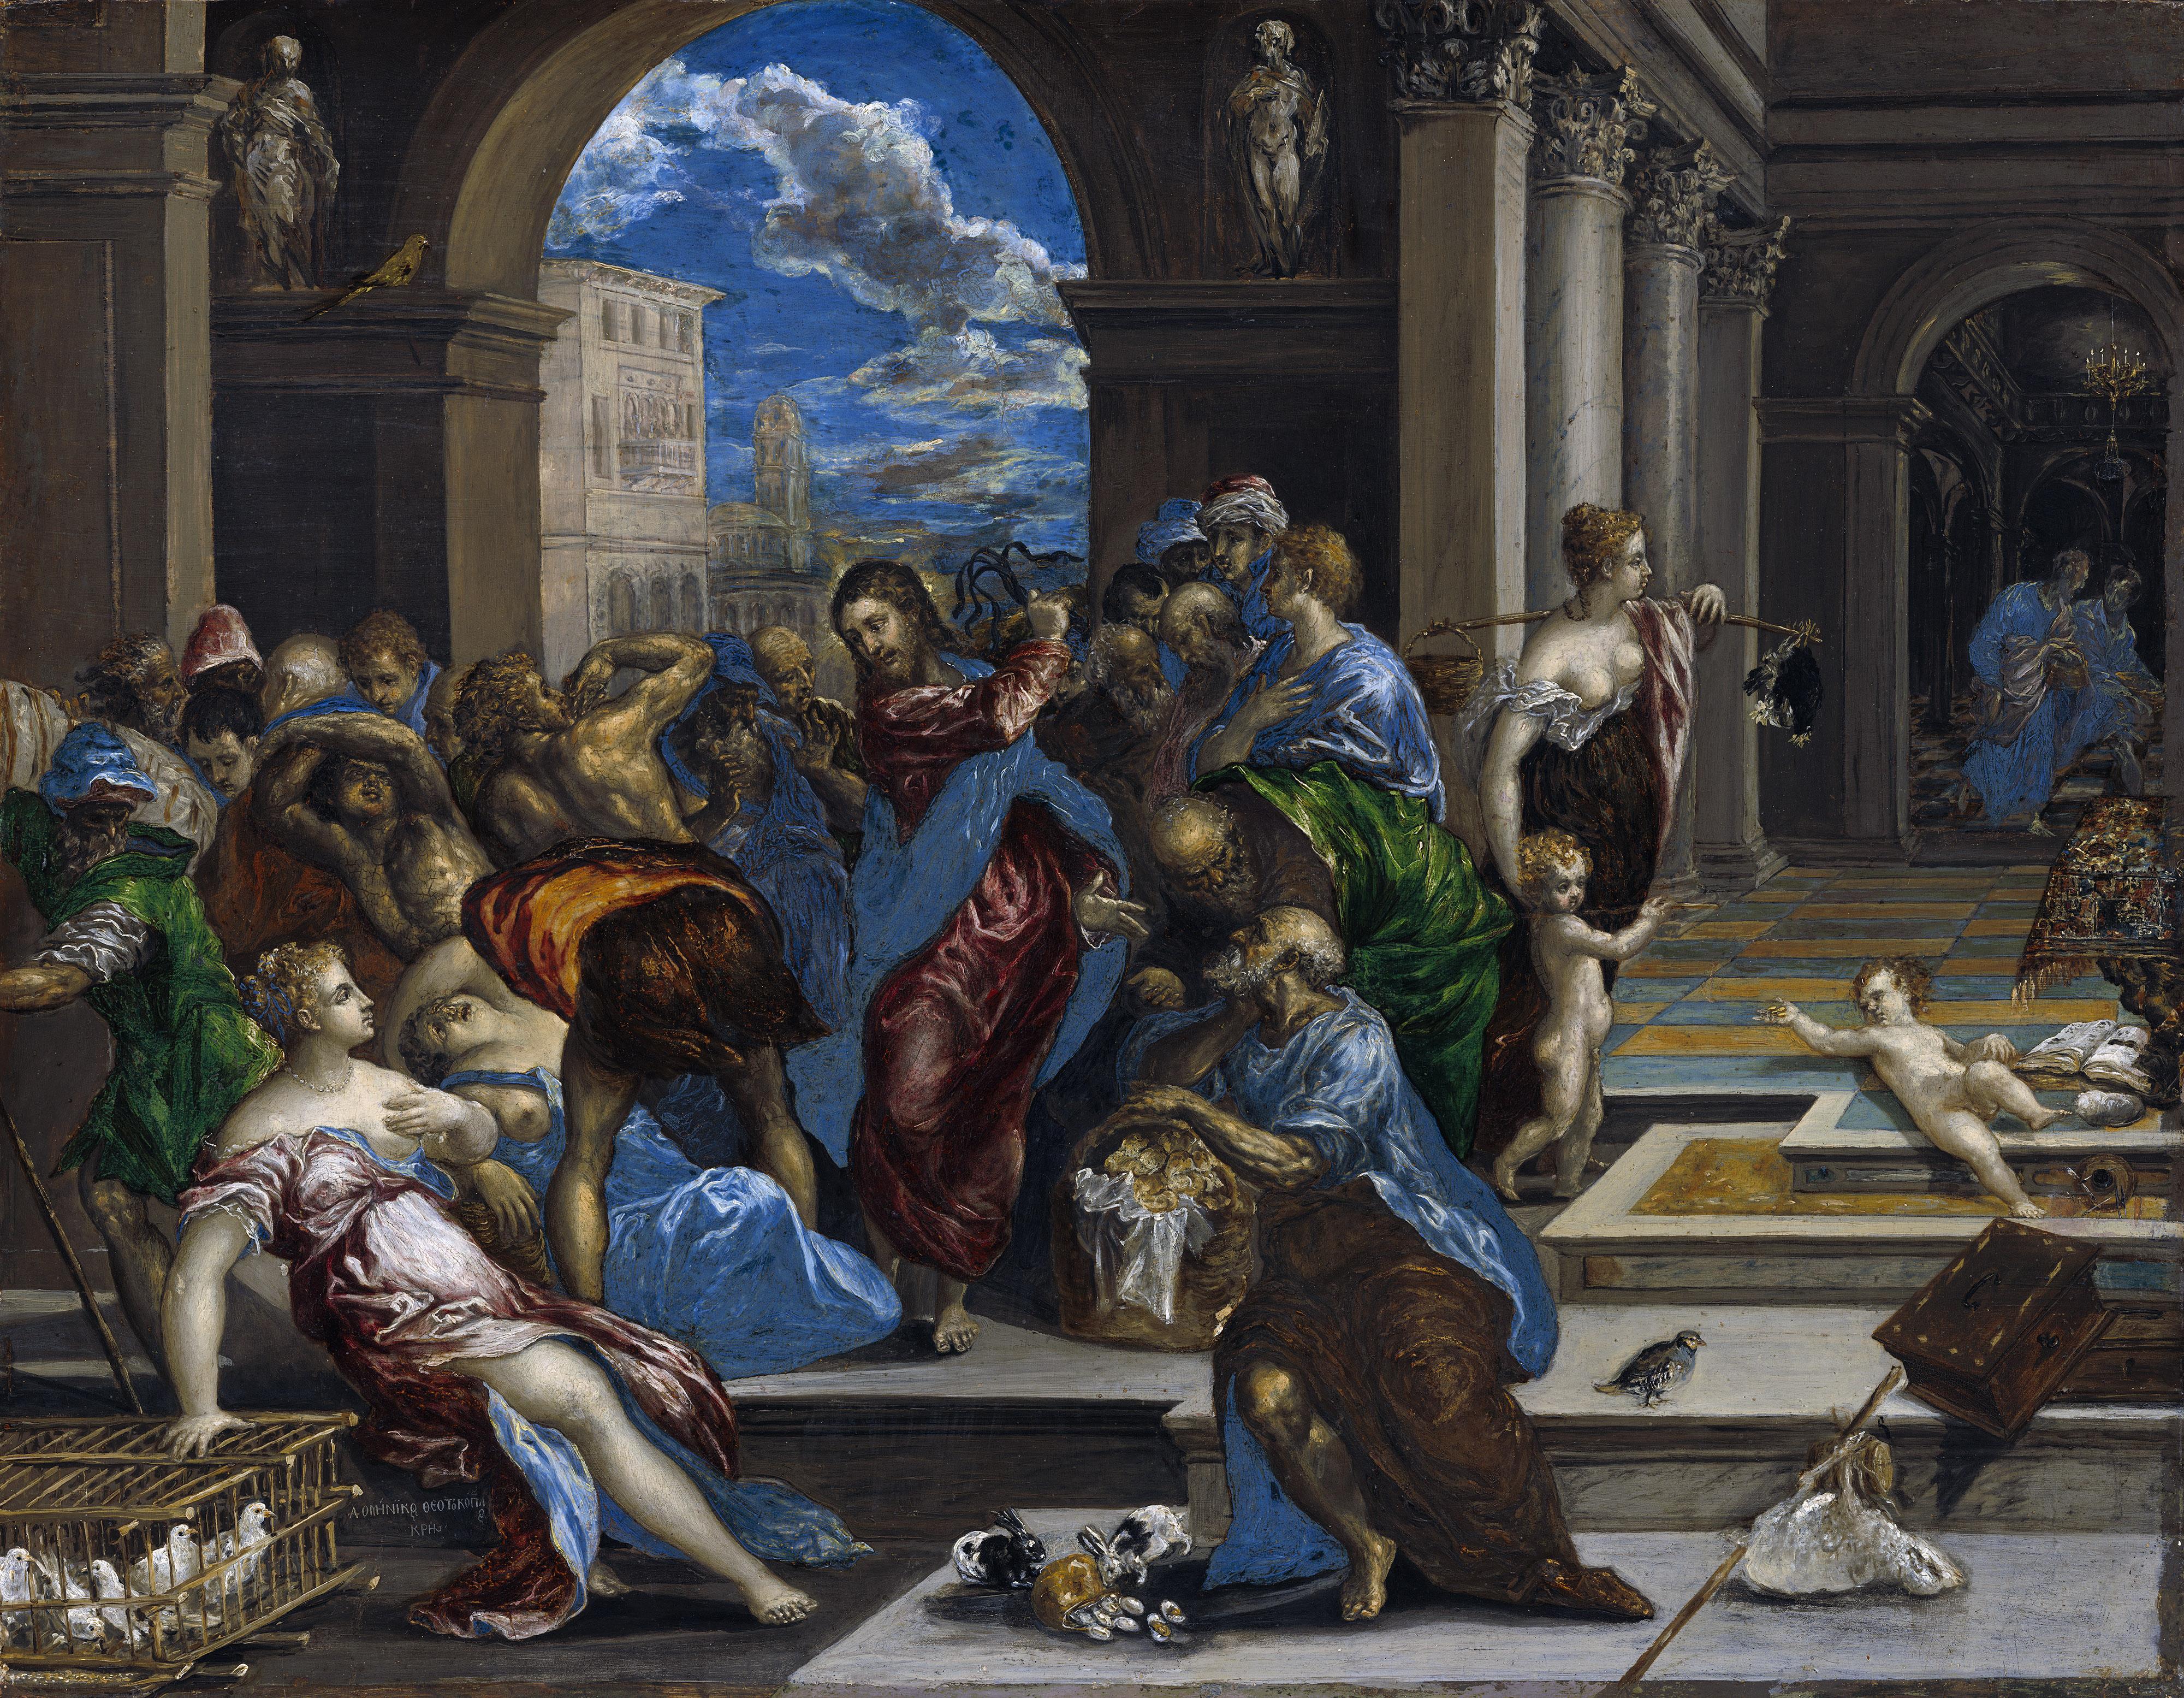 Jézus kikergeti a fintech vállalkozókat a templomból - El Greco festménye (Forrás: Wikimedia Commons)